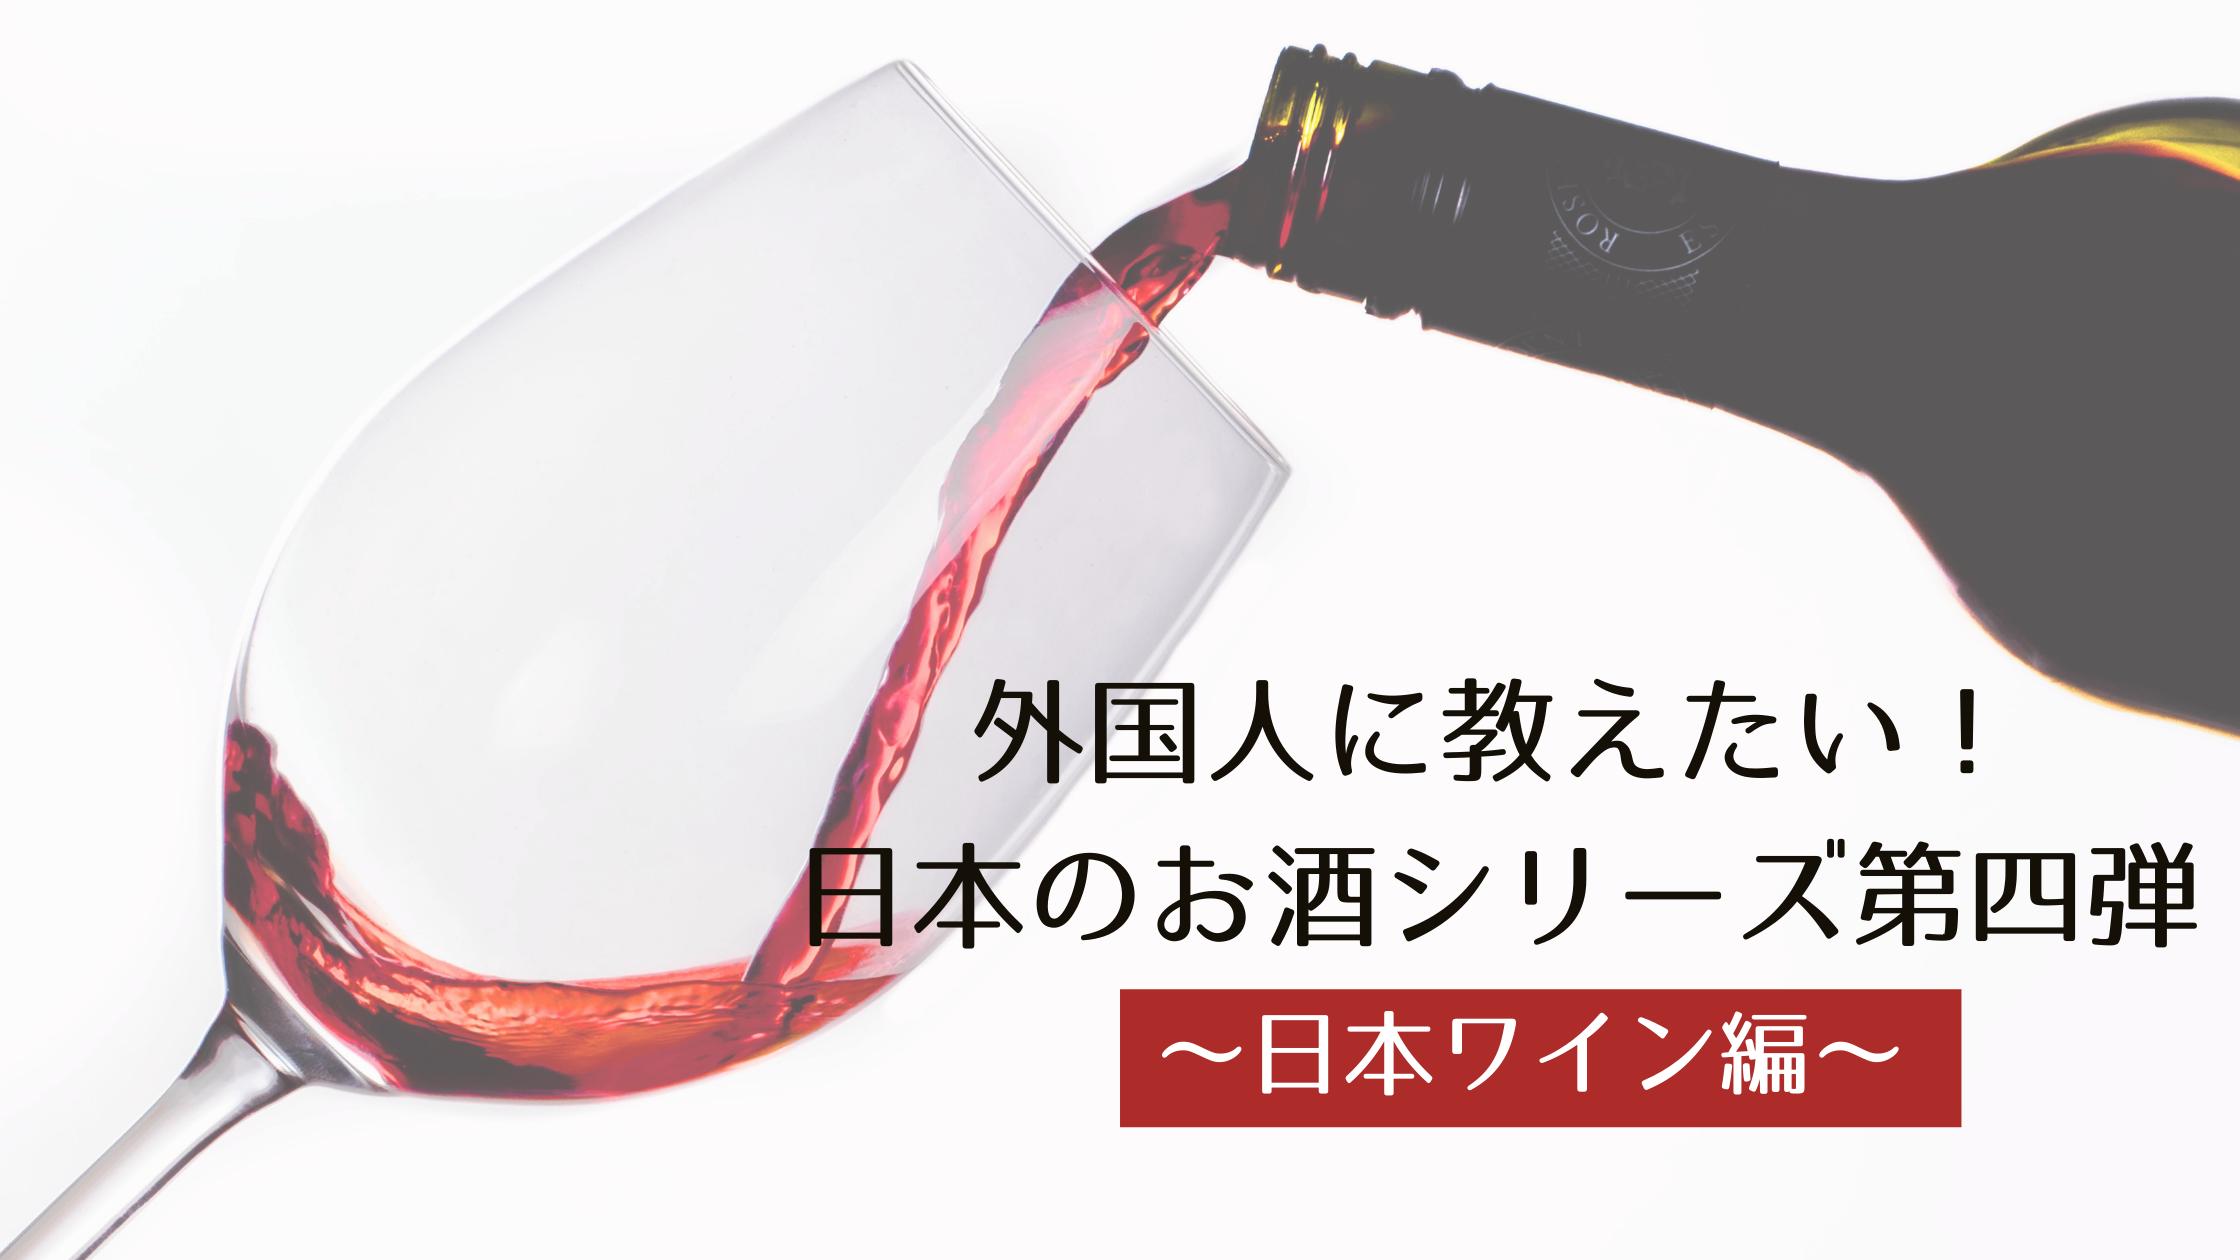 外国人に教えたい日本のお酒シリーズ第4弾ワイン編